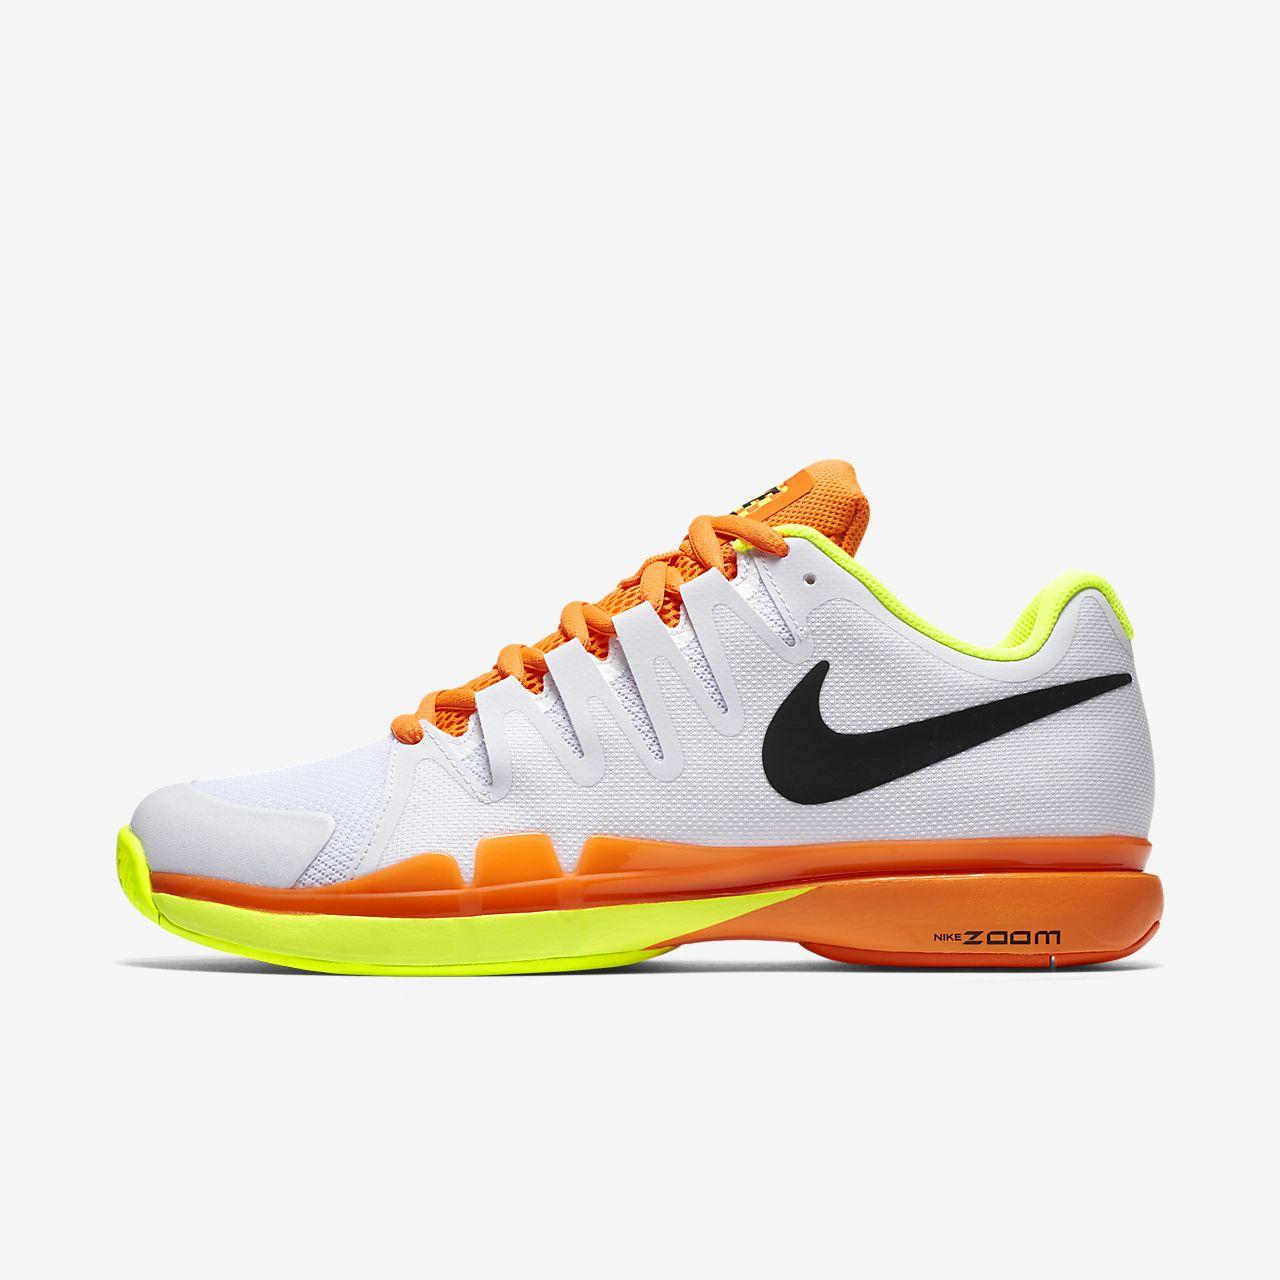 Nike Zoom Vapor   Tour Women S Tennis Shoe Orange White